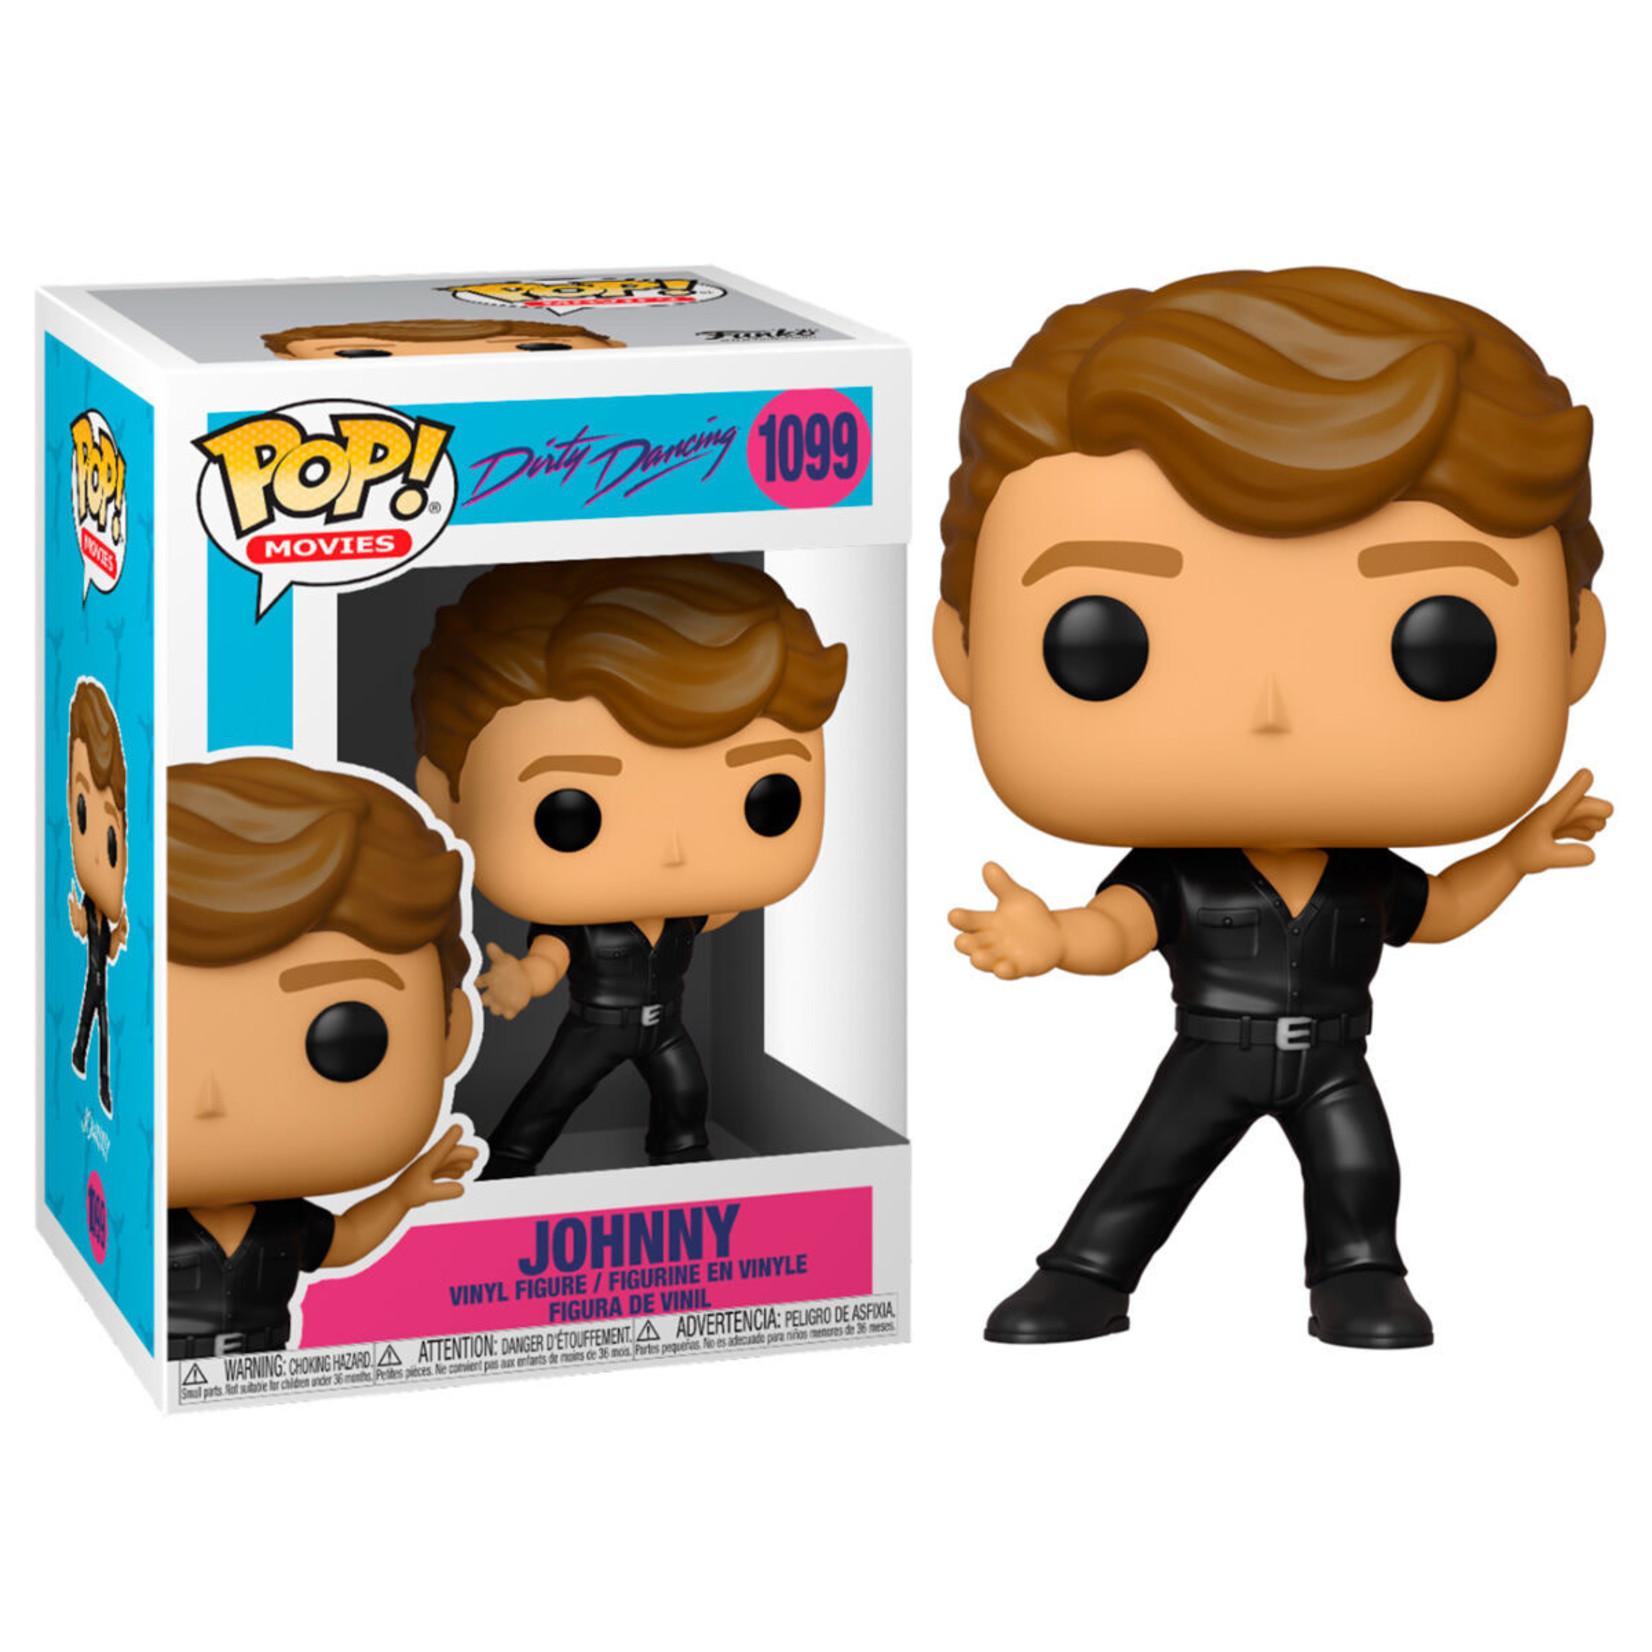 Dirty Dancing POP! Movies Vinyl Figure Johnny (Finale) 9 cm nr. 1099